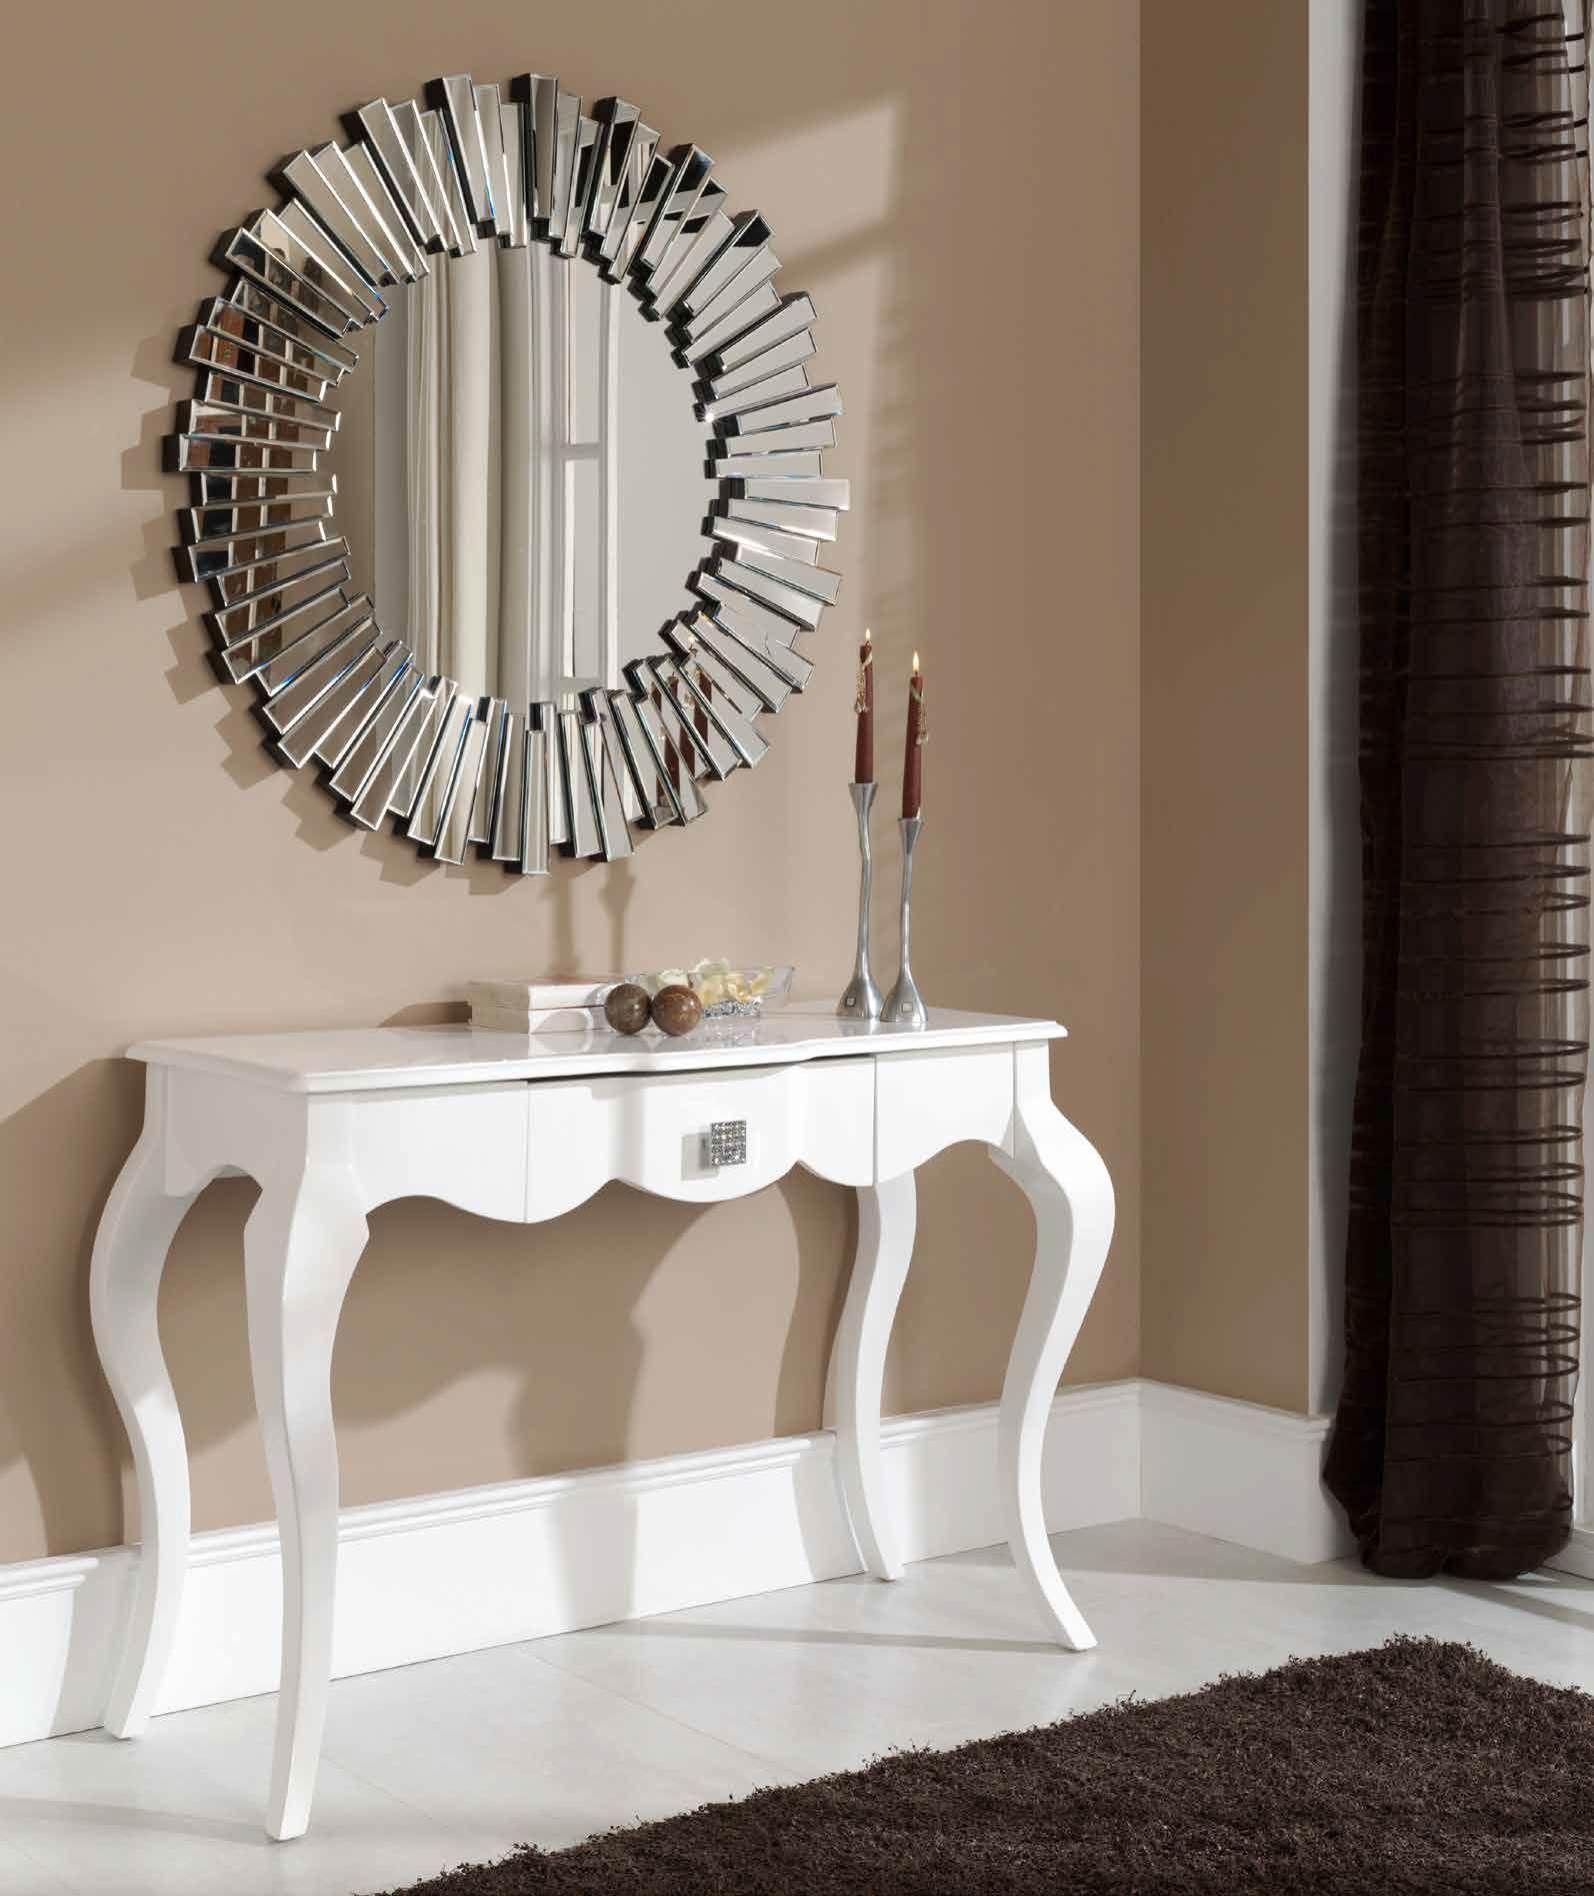 espejos modernos espejos decorativos salas blancas recibidores pequeos cristal forma cuartos juveniles luis xv muebles restaurados